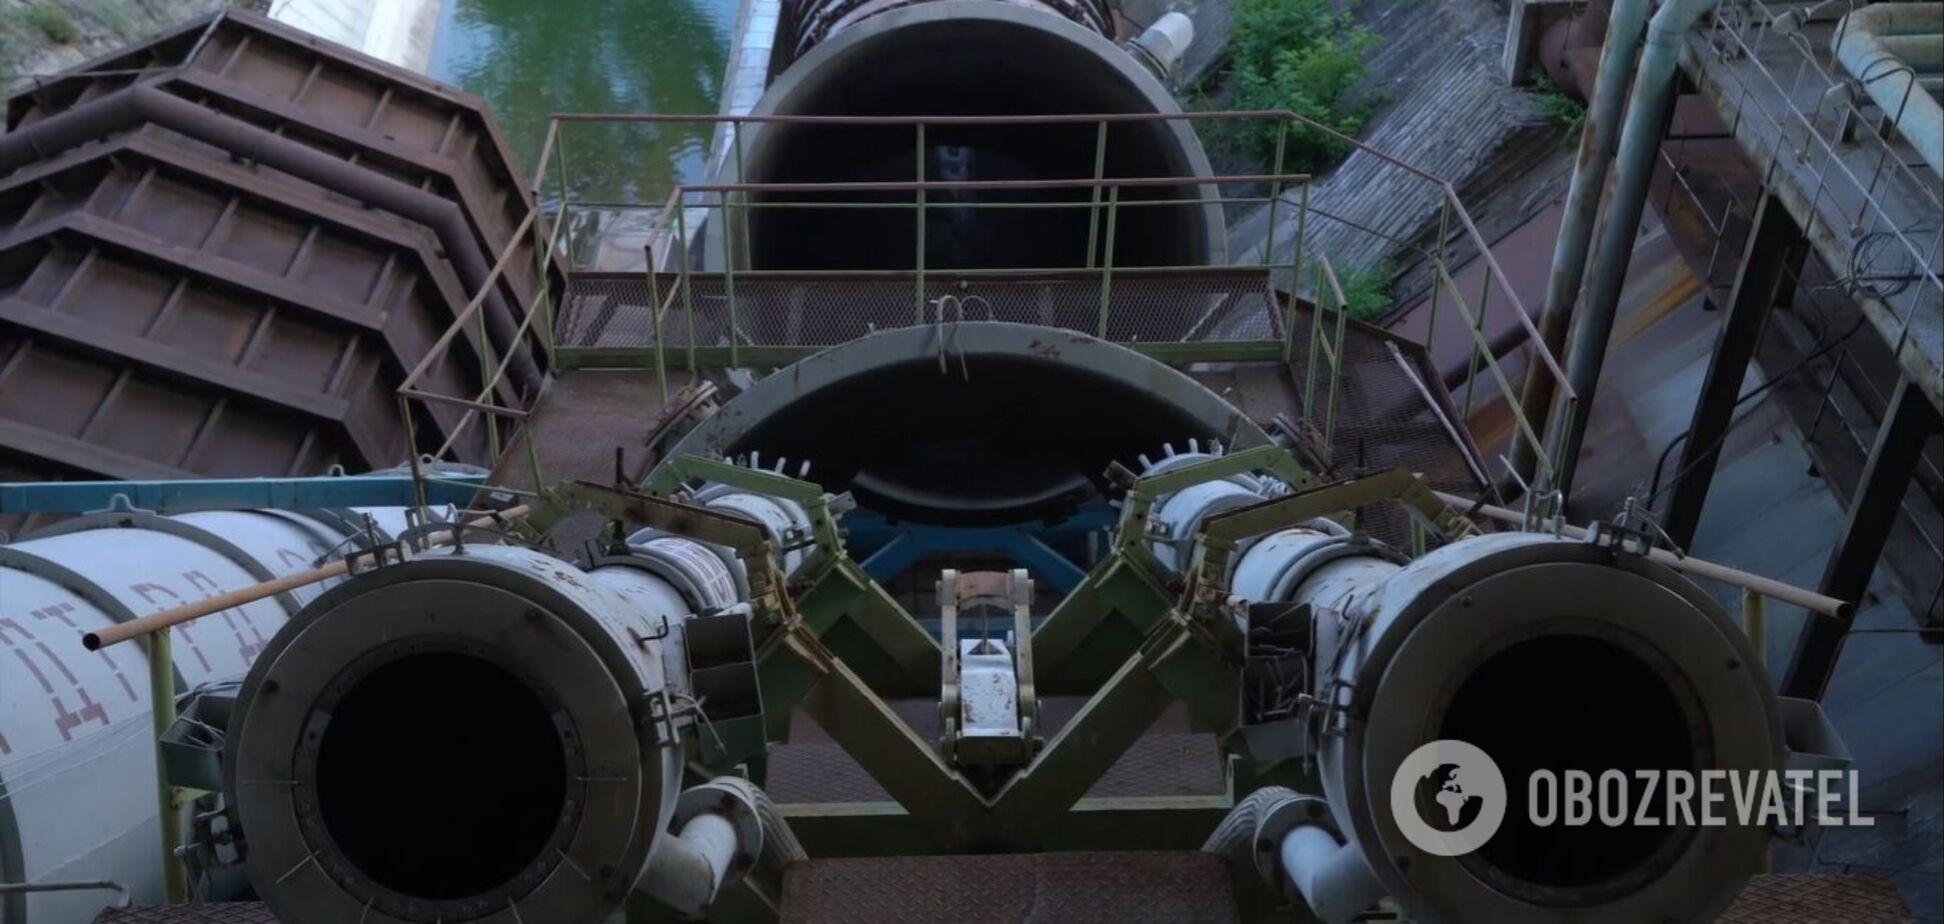 Экслюзивная экскурсия OBOZREVATEL по секретному ракетному заводу: премьера фильма